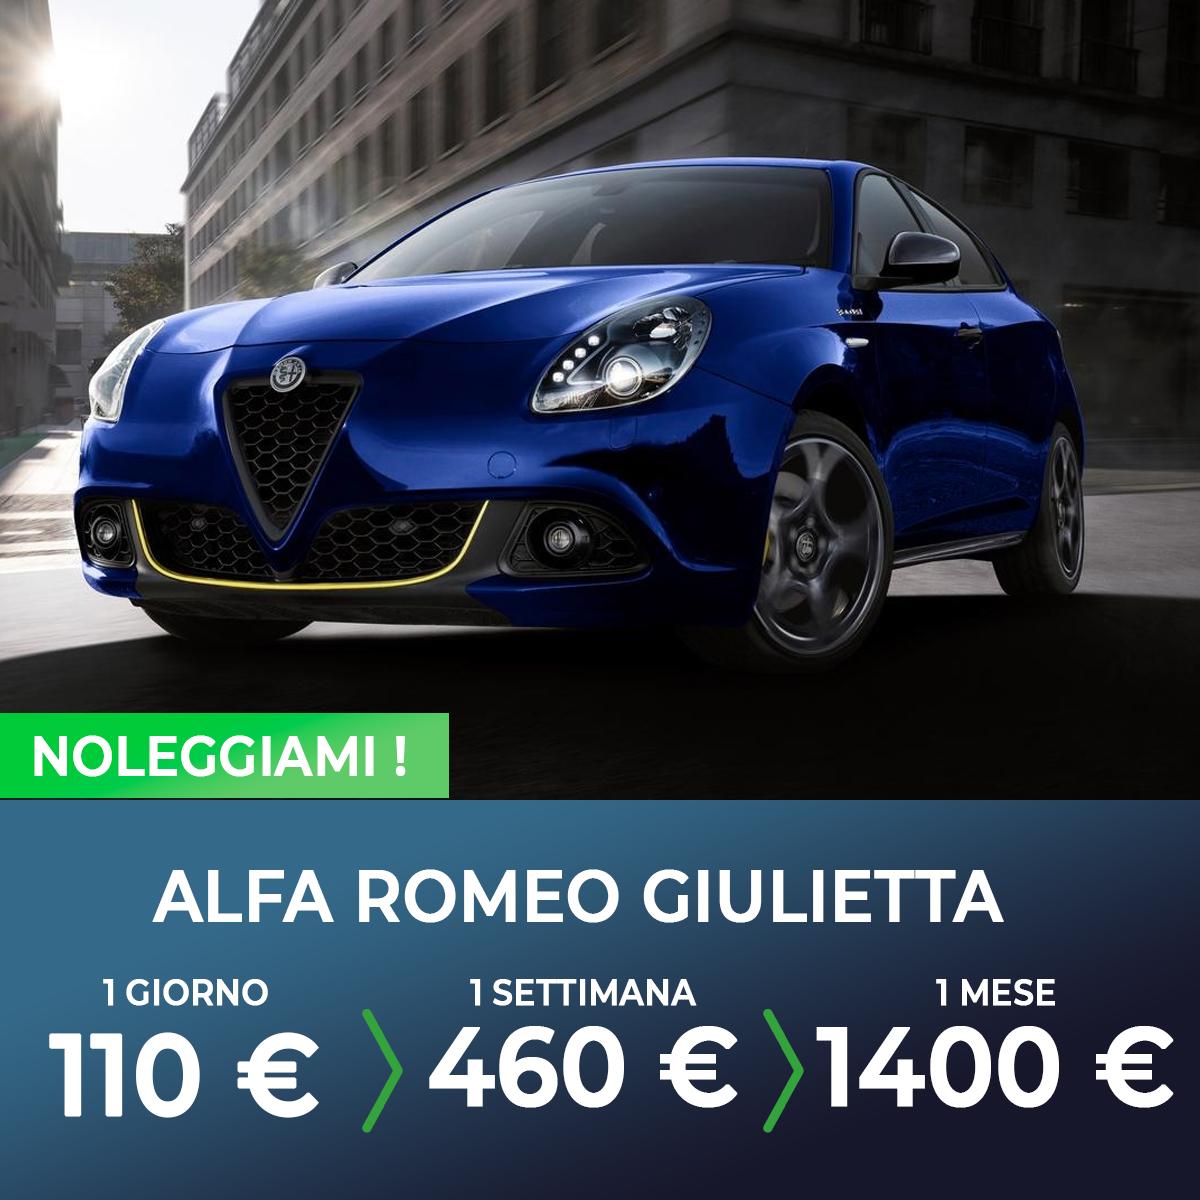 Alfa Romeo Giulietta noleggio breve termine